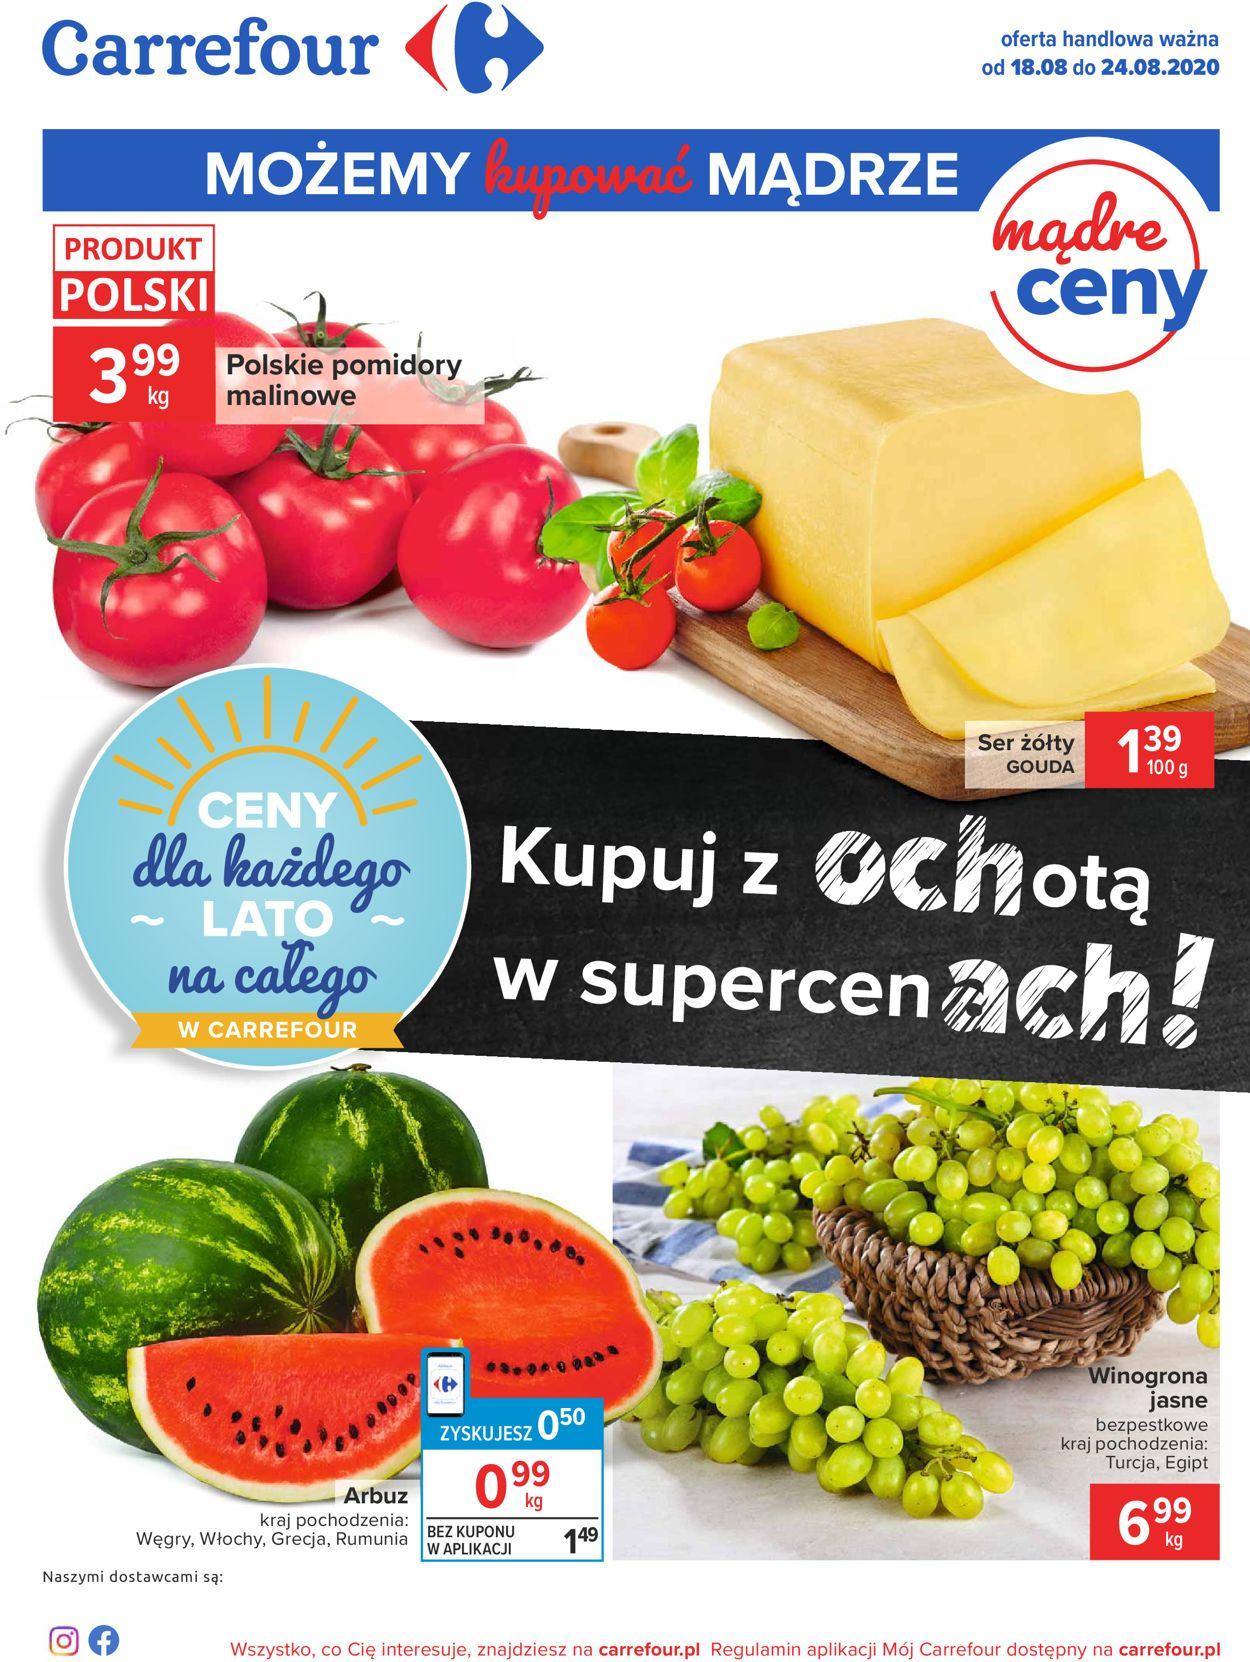 Gazetka promocyjna Carrefour - 18.08-24.08.2020